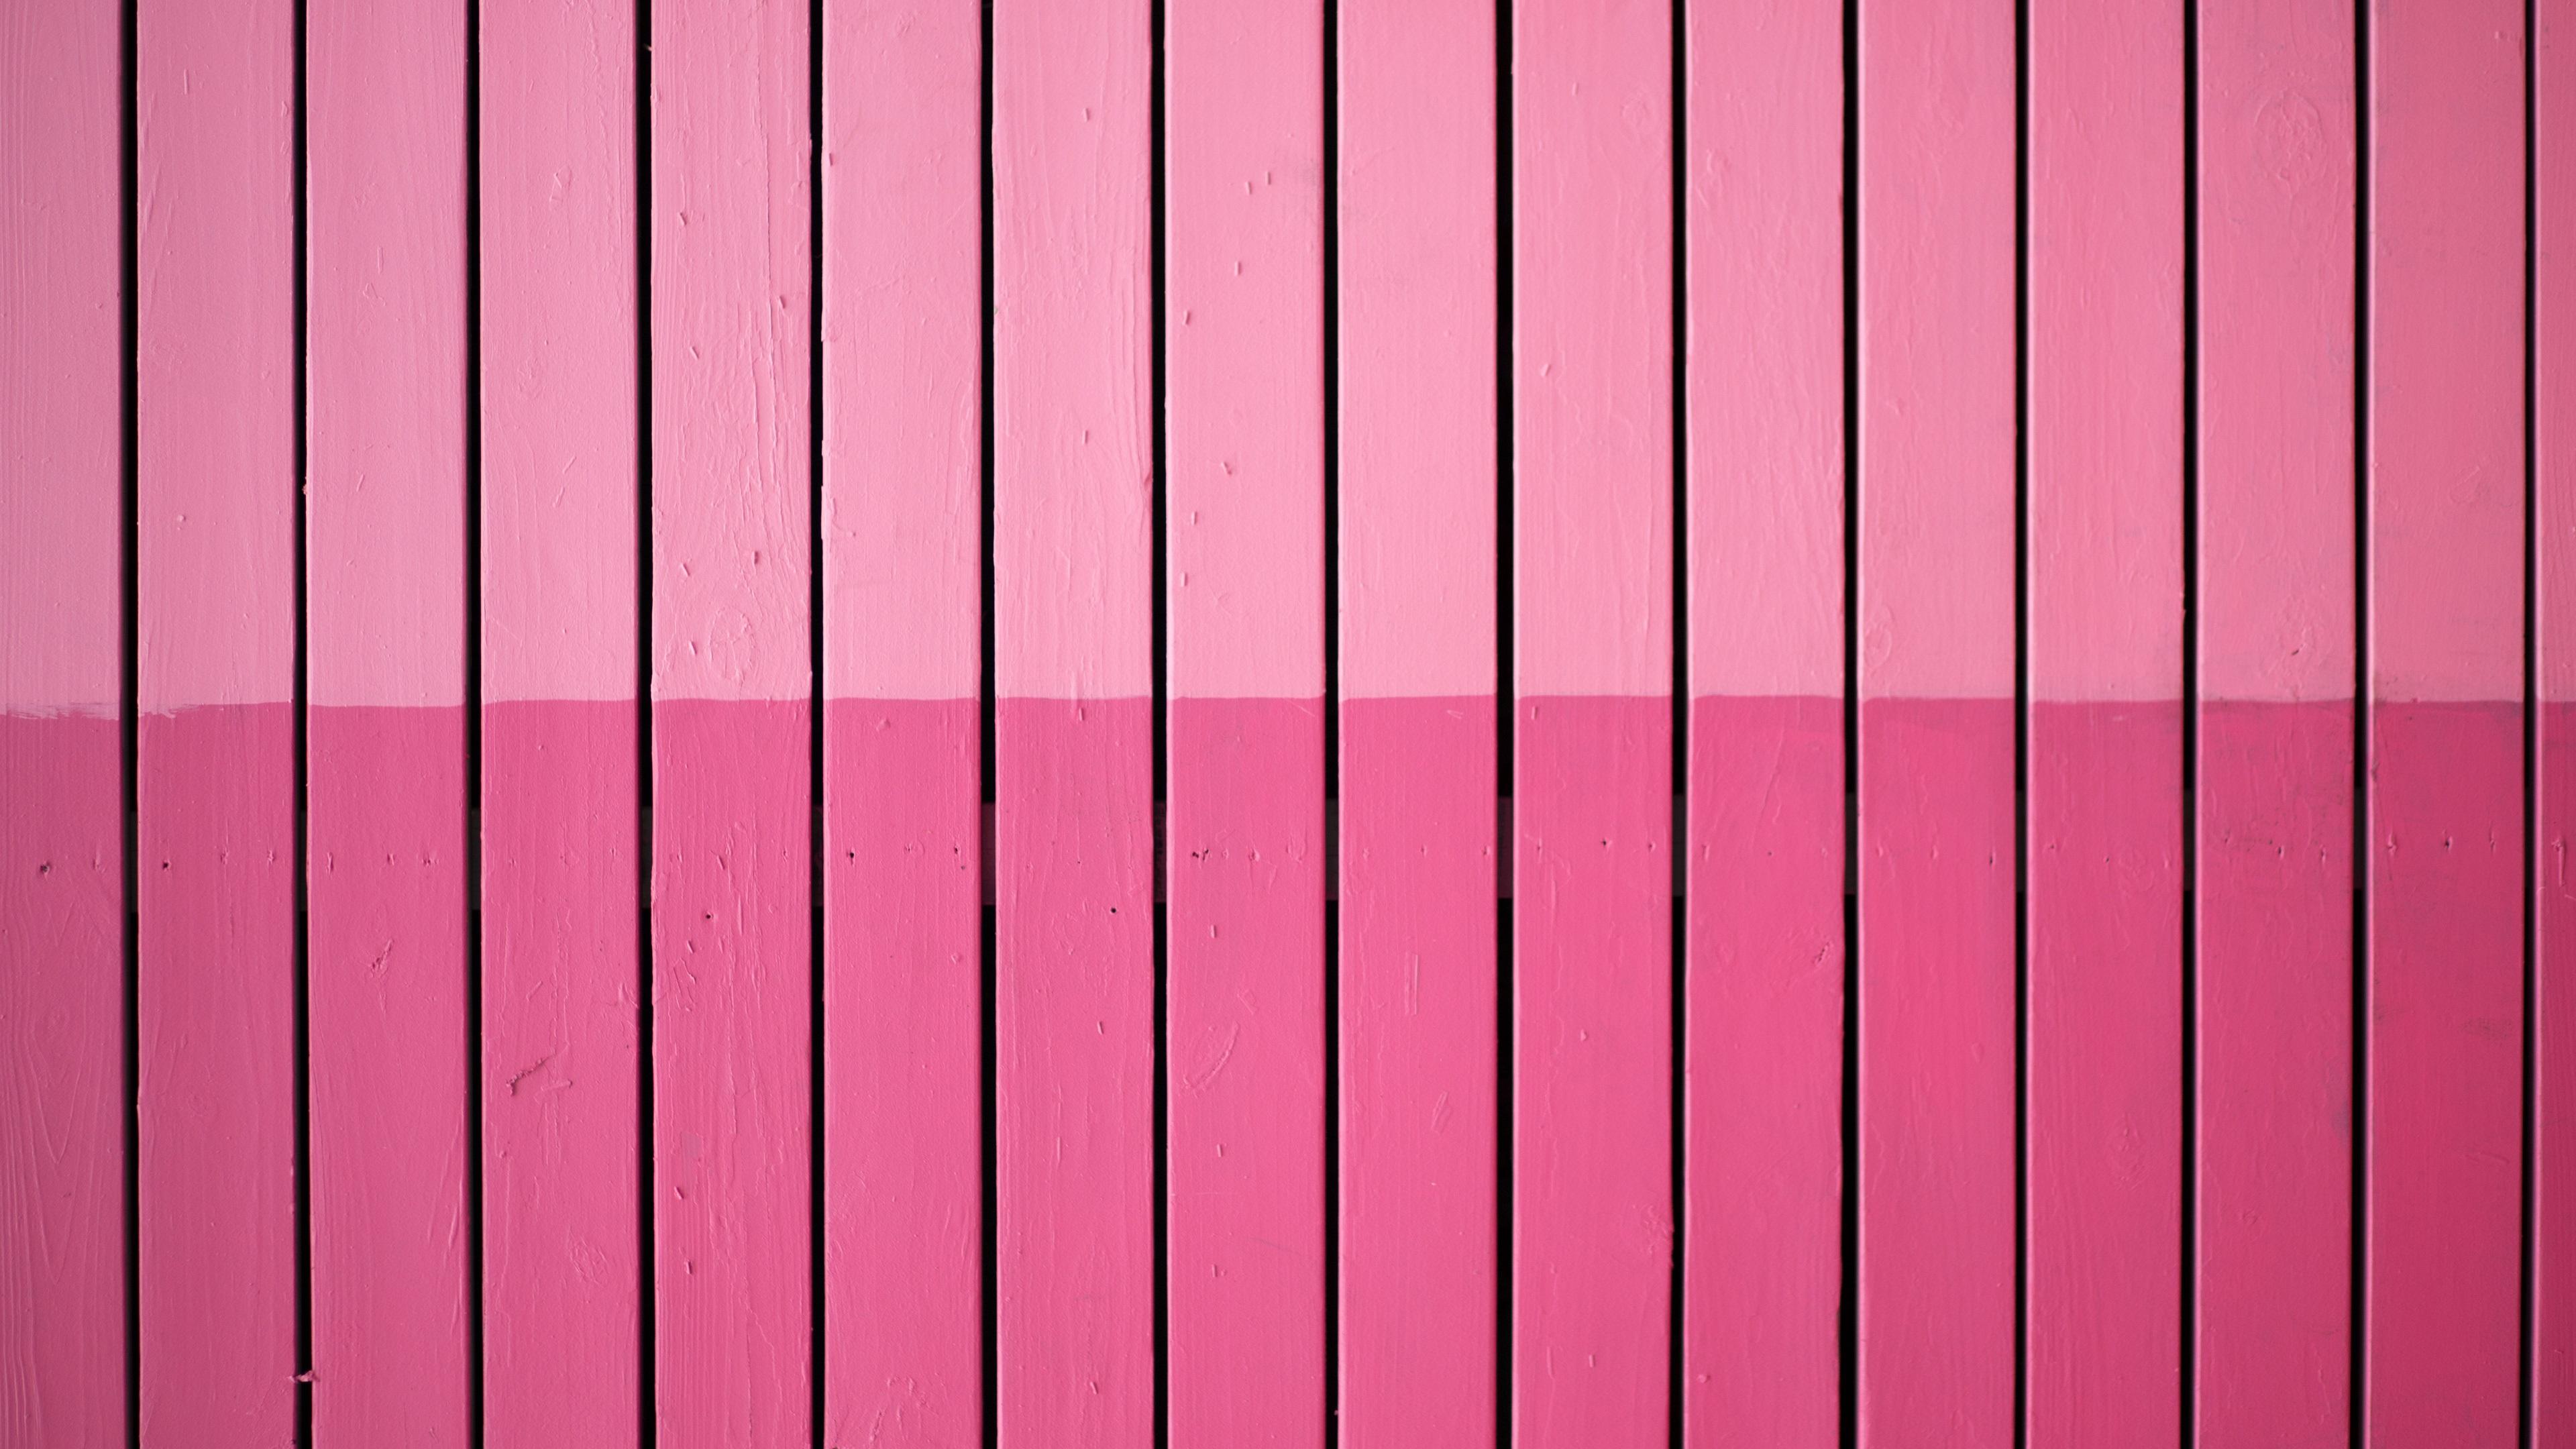 壁紙 ピンクの木製の縦線 3840x2160 Uhd 4k 無料のデスクトップの背景